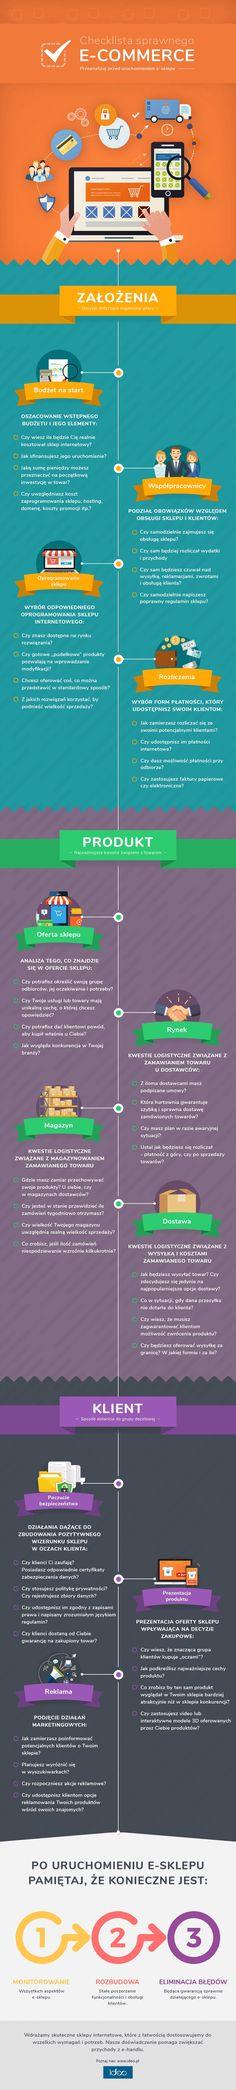 """Jeśli planujesz więc własny biznes, to z pewnością w pierwszej kolejności pomyślisz o sprzedaży internetowej. W ramach postanowień noworocznych często myślimy również o zmianach związanych z naszą karierą. Przygotowaliśmy małą """"ściągę"""" dla tych, którzy stawiają (lub planują) pierwsze kroki w handlu internetowym. Więcej na www.ideo.pl"""